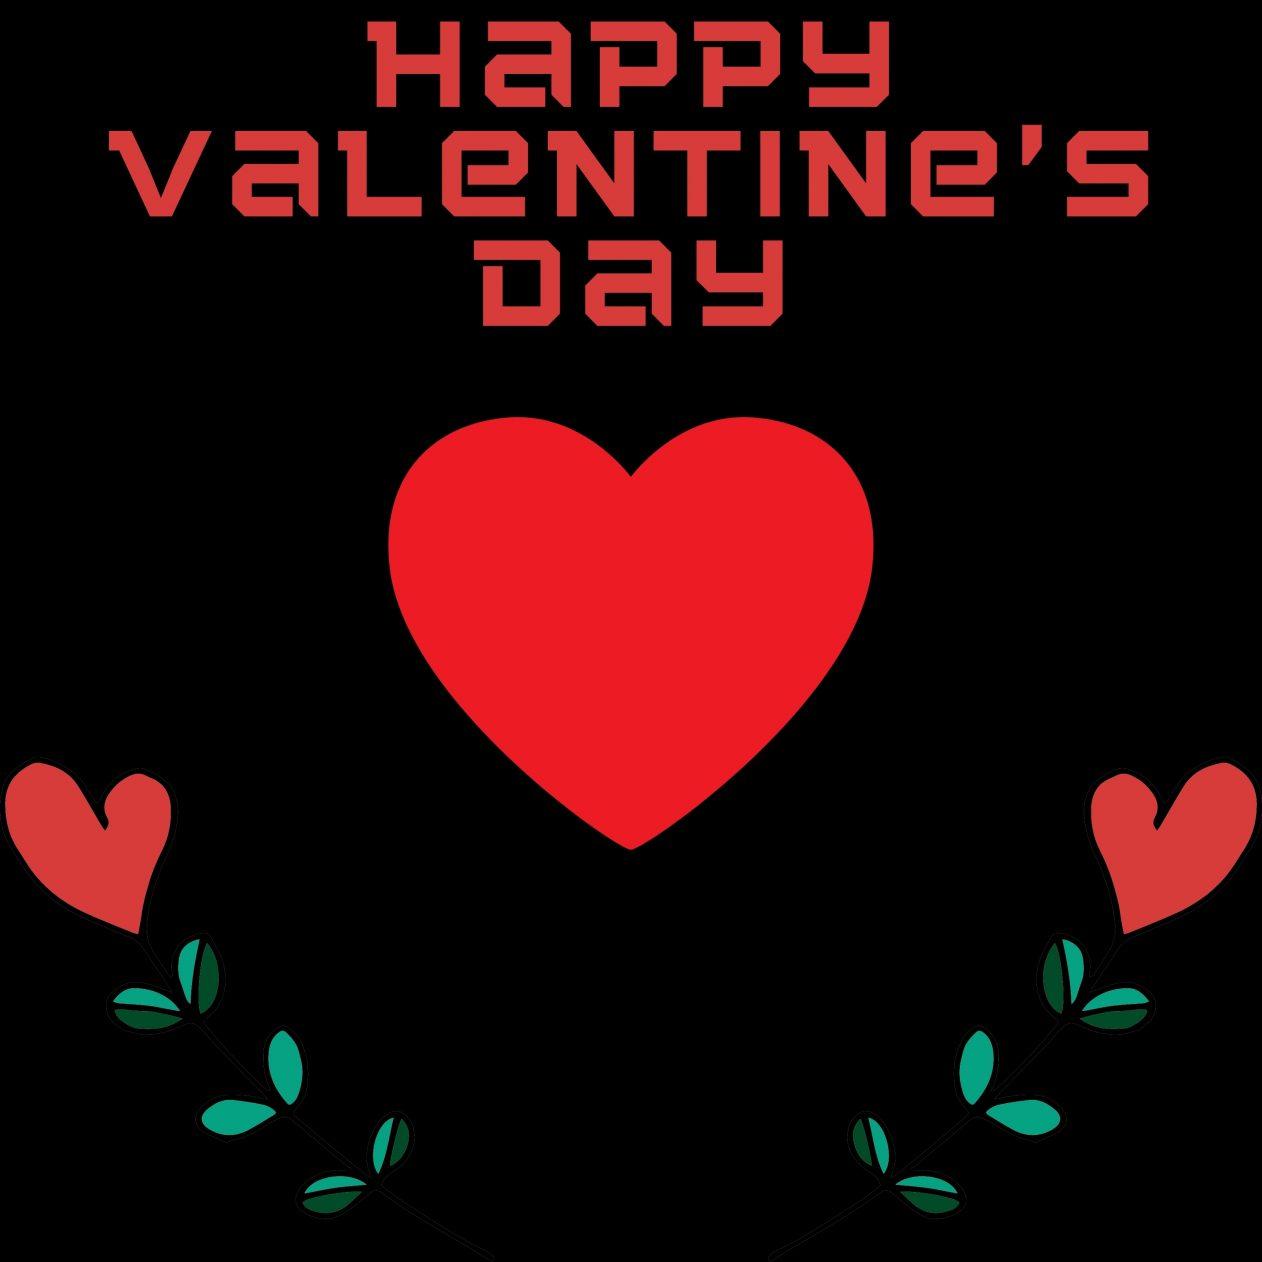 1262x1262 Parallax wallpaper 4k Happy Valentines Day February 14 iPad Wallpaper 1262x1262 pixels resolution